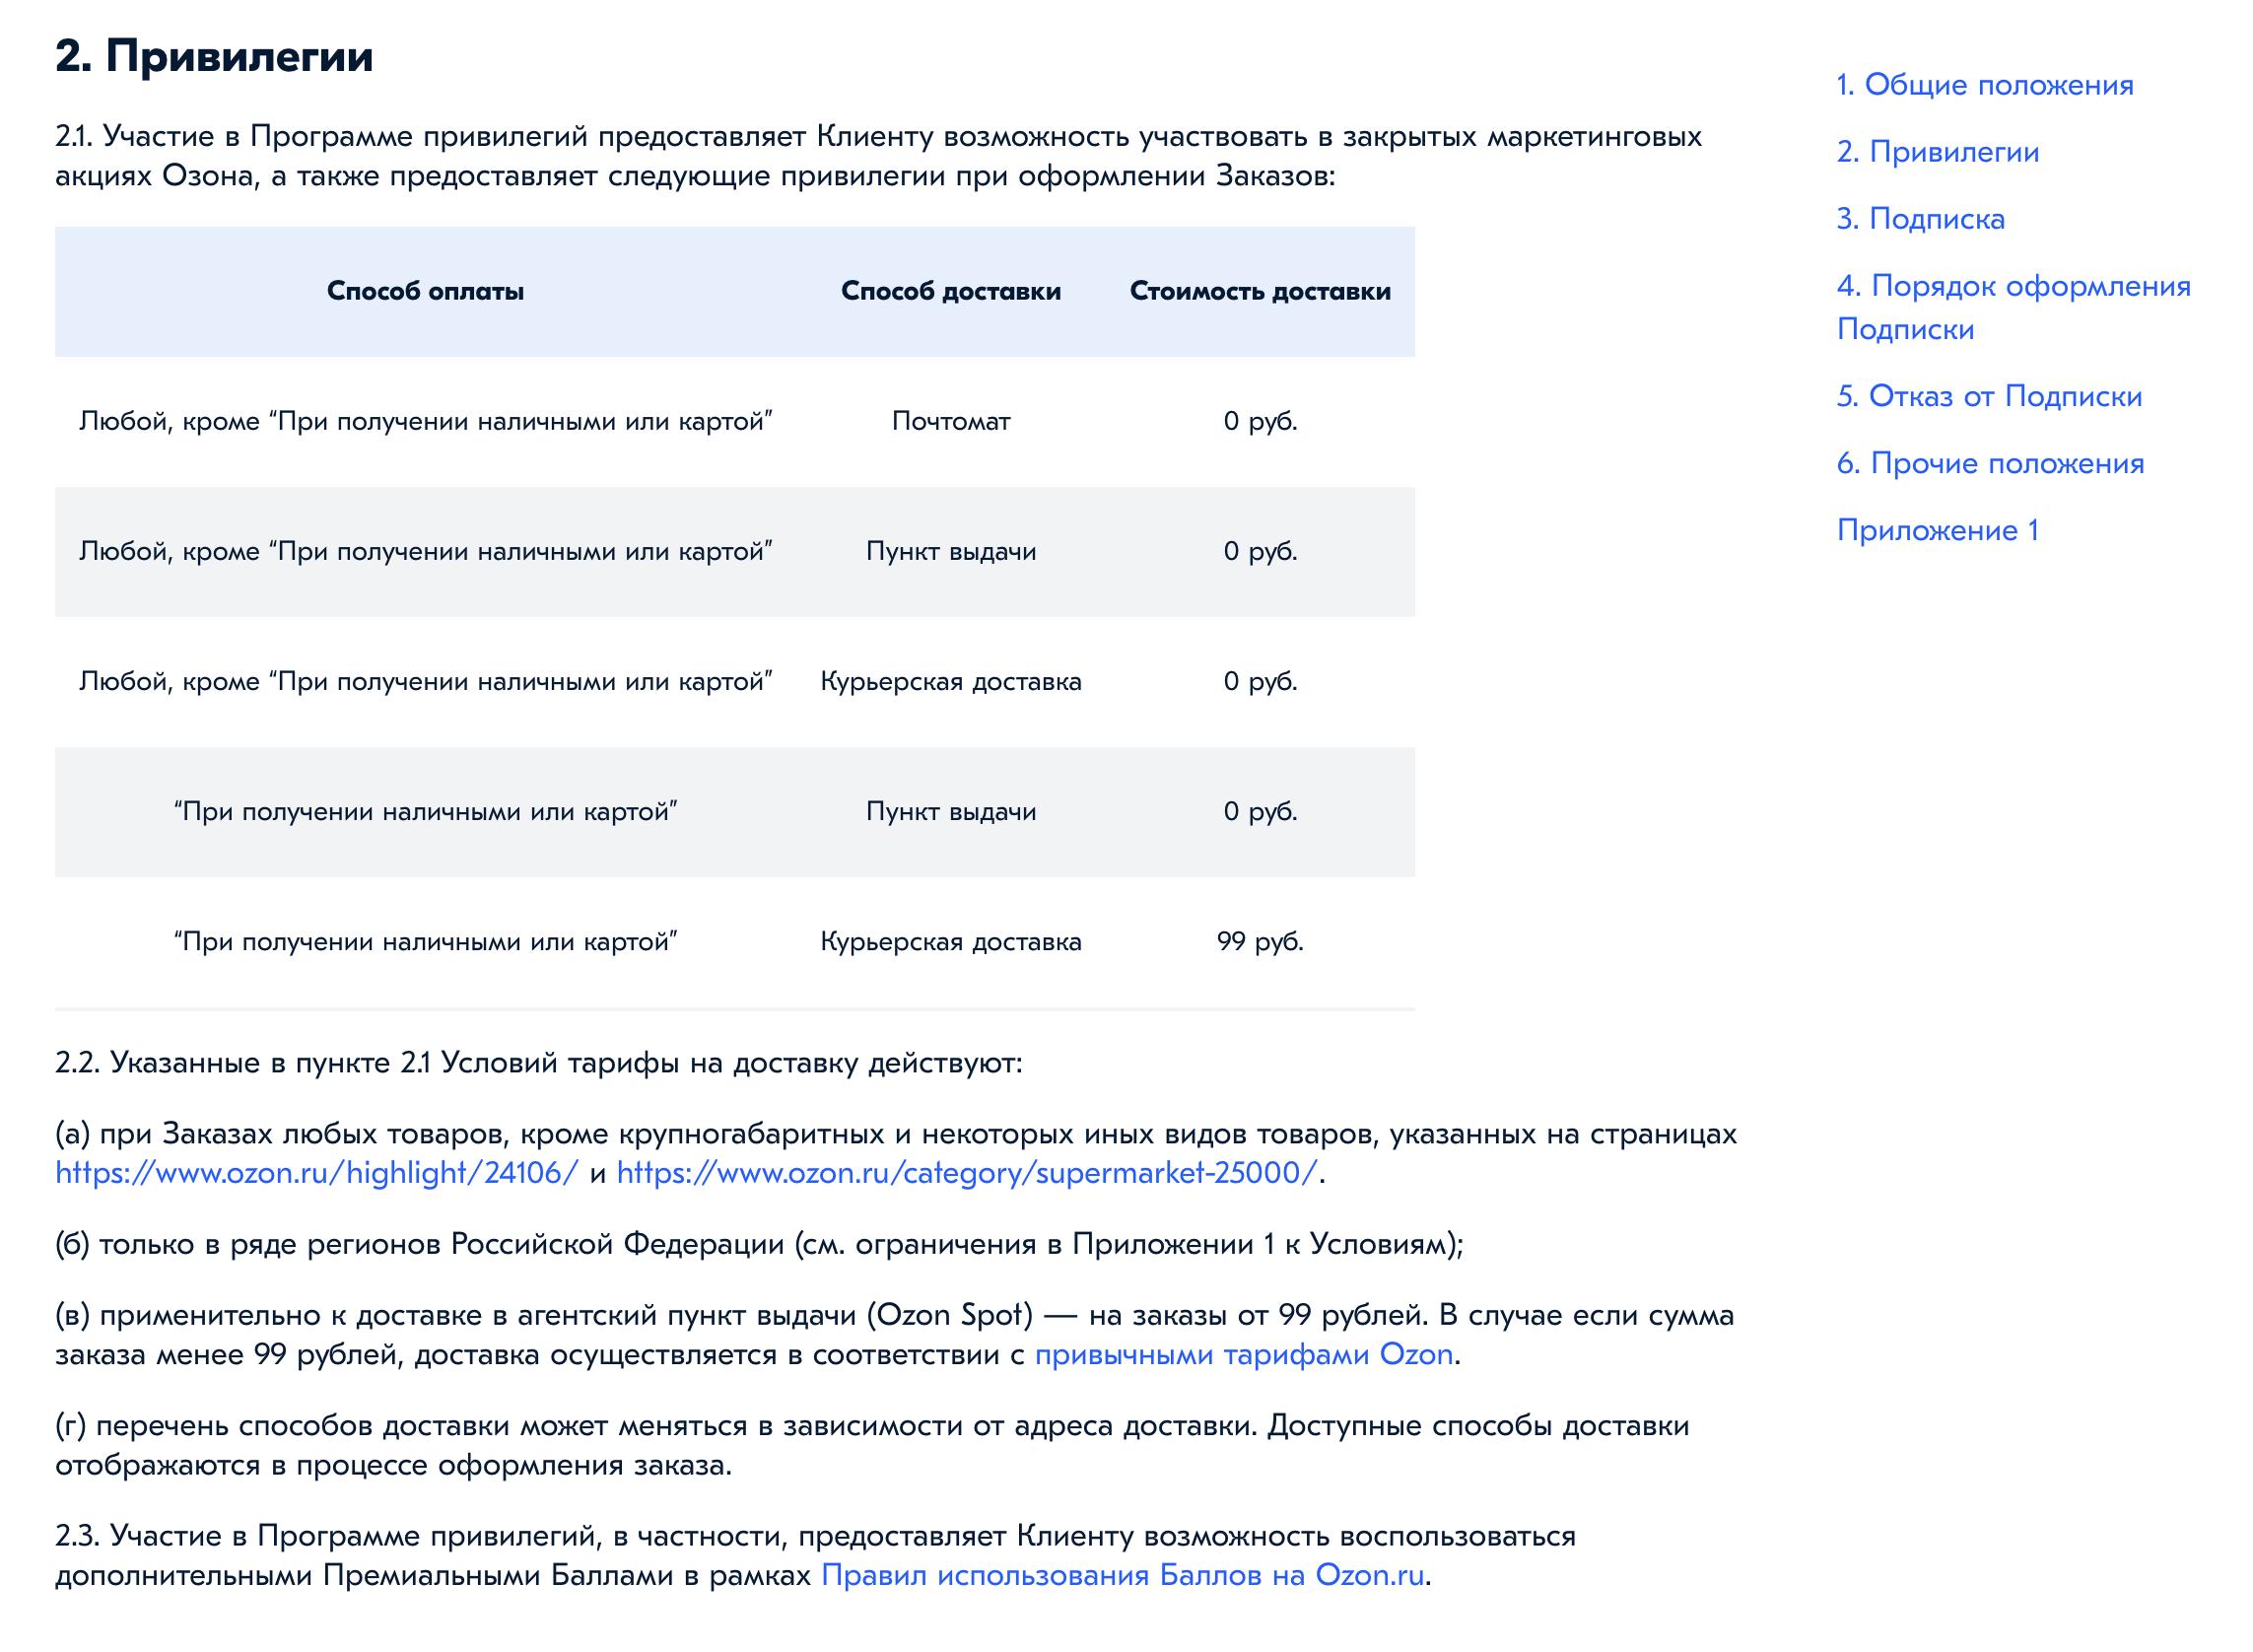 Как купить за 1 рубль на Ozon с подпиской Premium